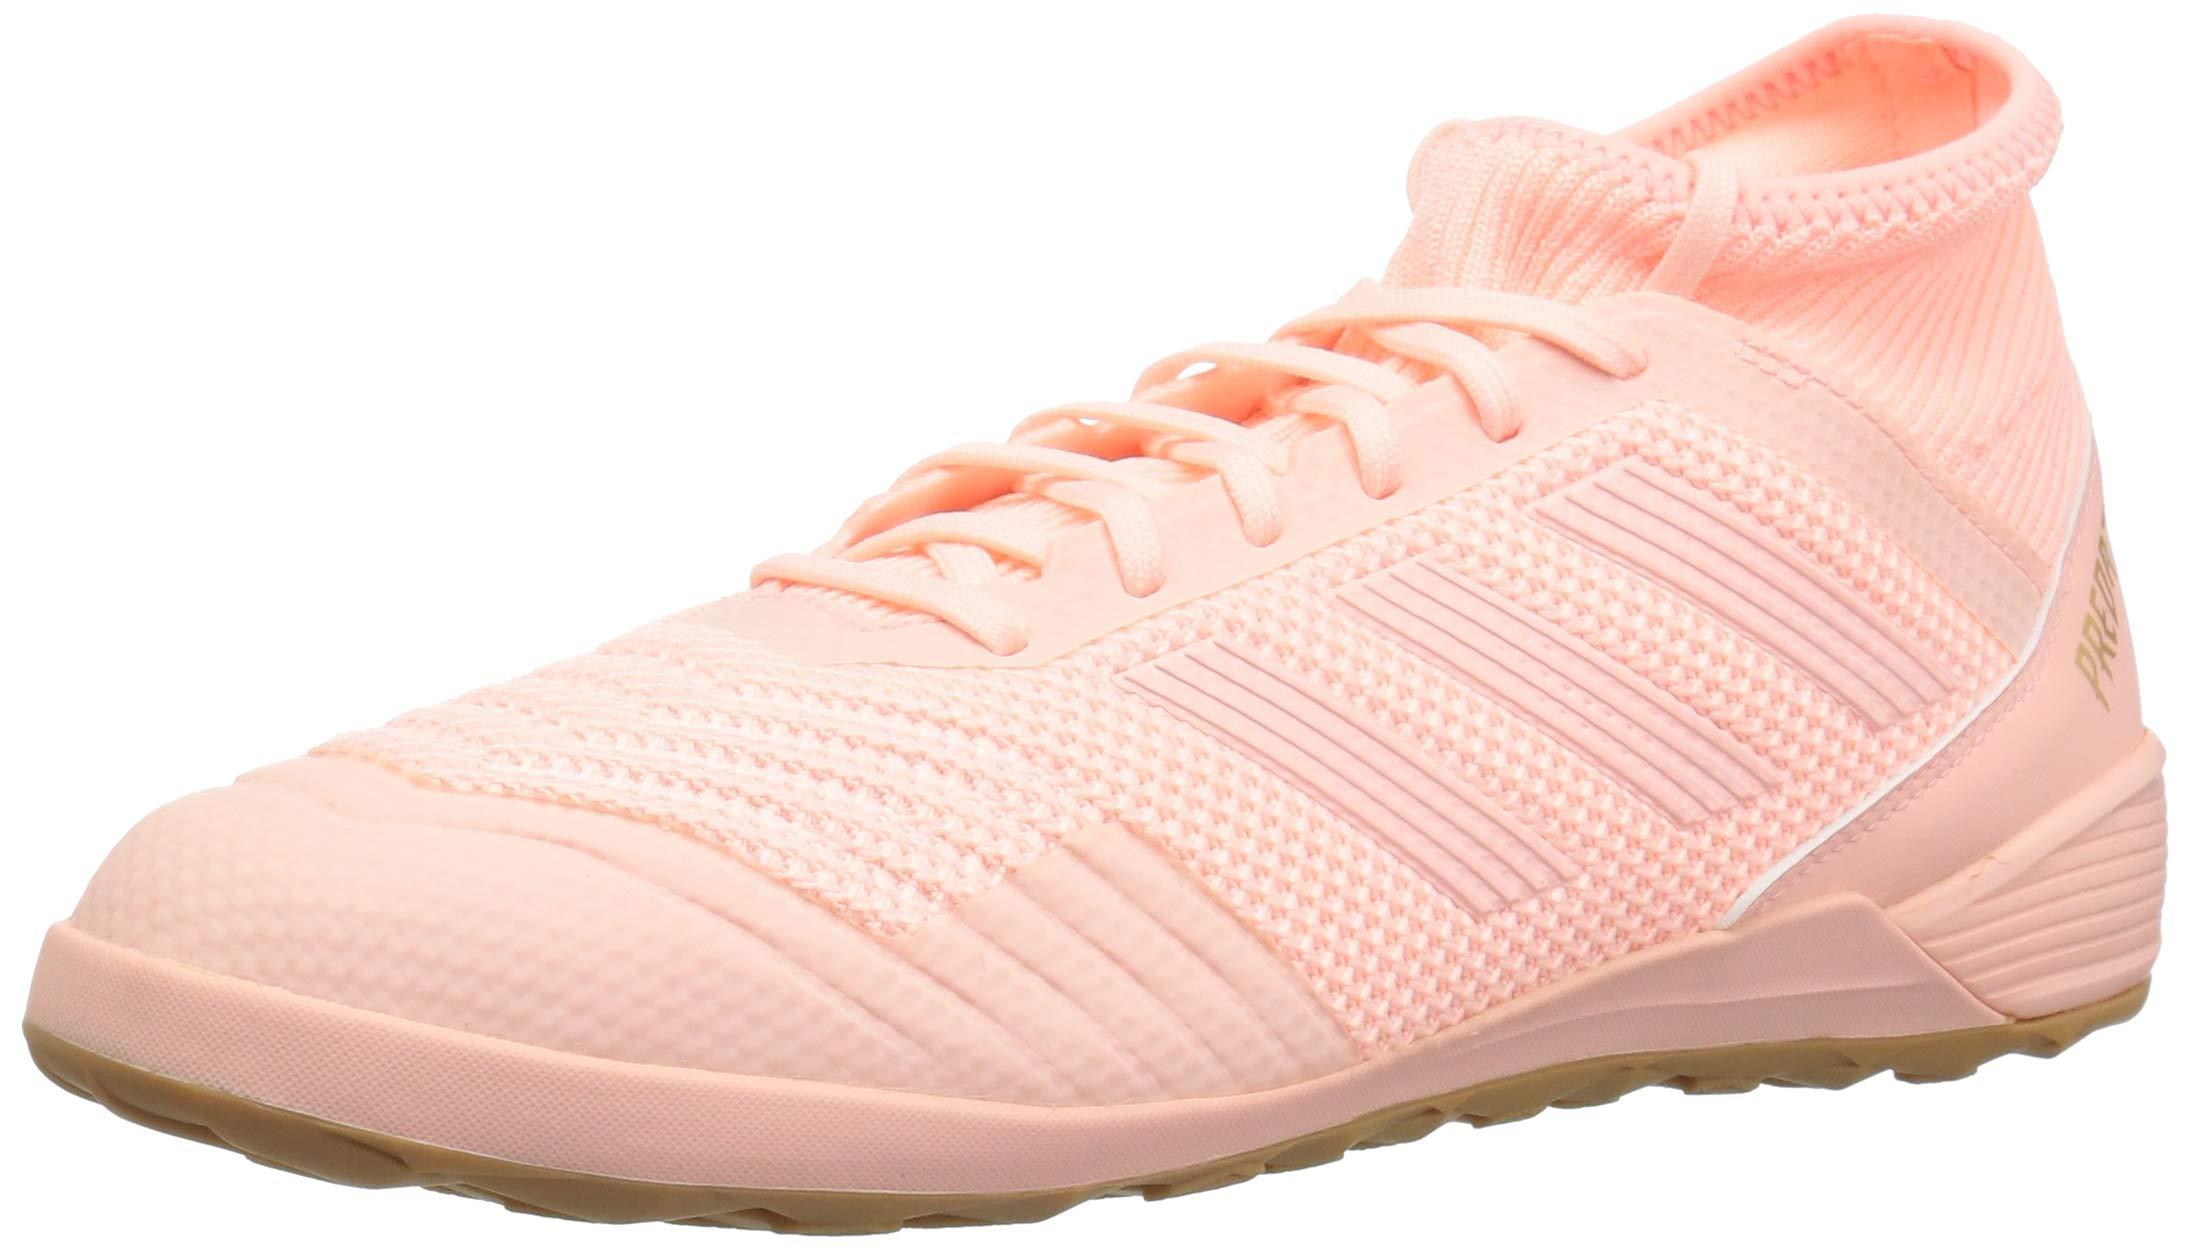 buy popular 146d6 132f8 Galleon - Adidas Men s Predator Tango 18.3 Indoor Soccer Shoe Clear Orange,  13 M US